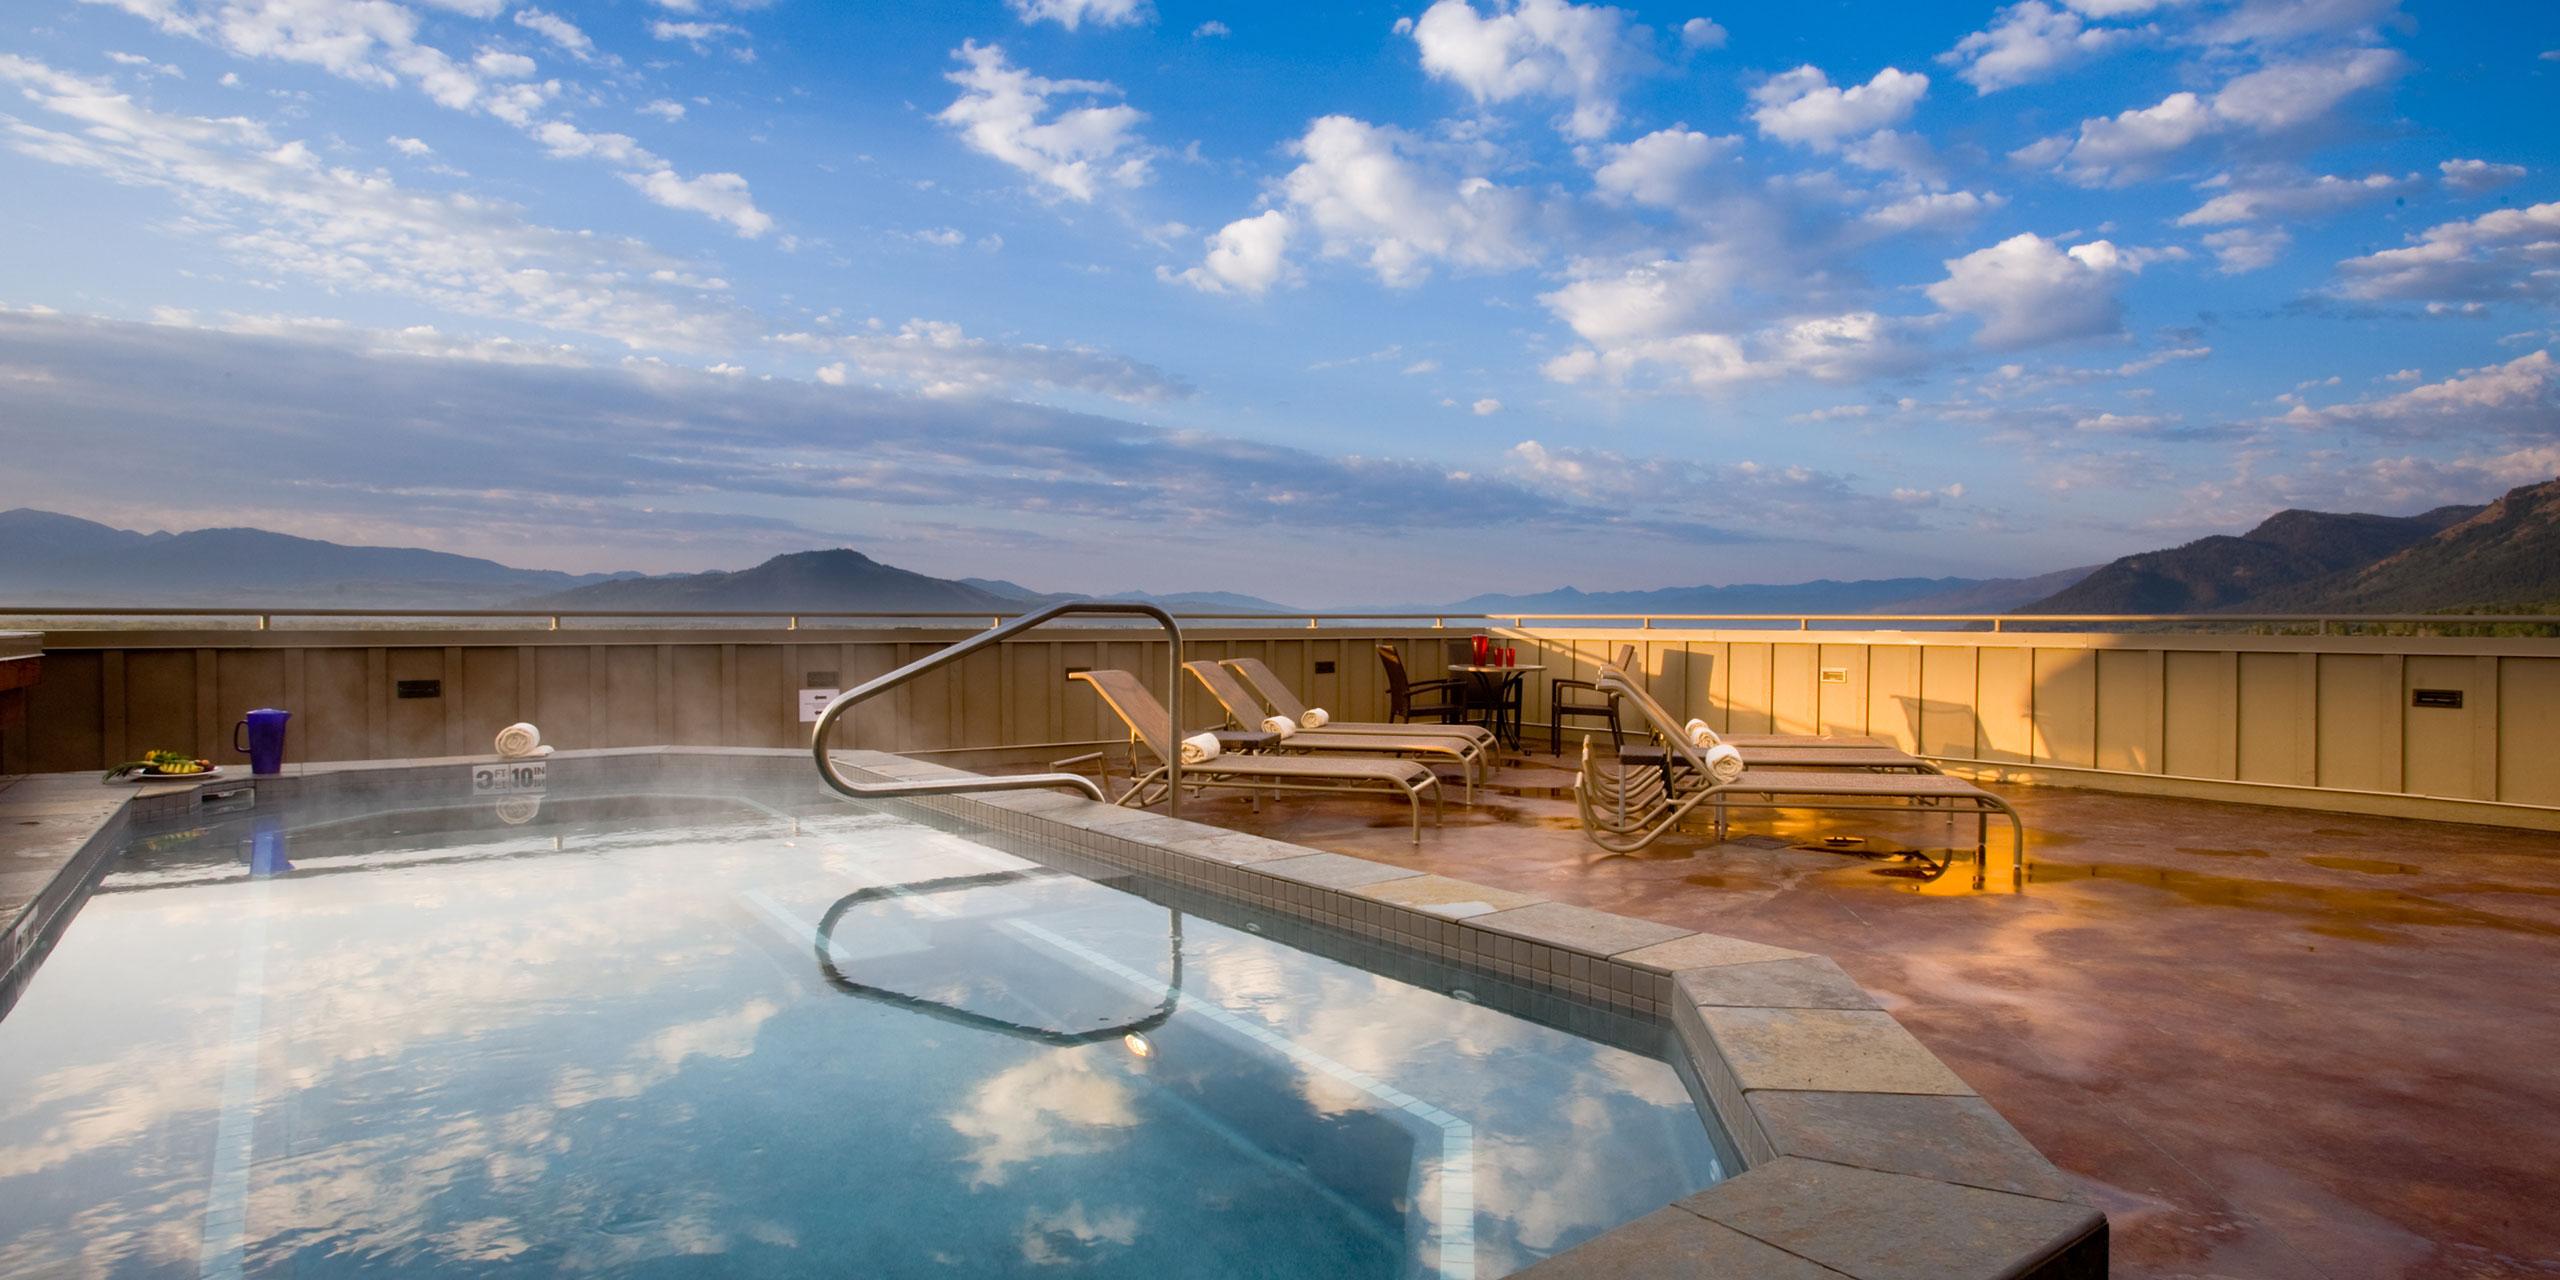 Rooftop Hot Tub at Teton Mountain Lodge & Spa; Courtesy of Teton Mountain Lodge & Spa